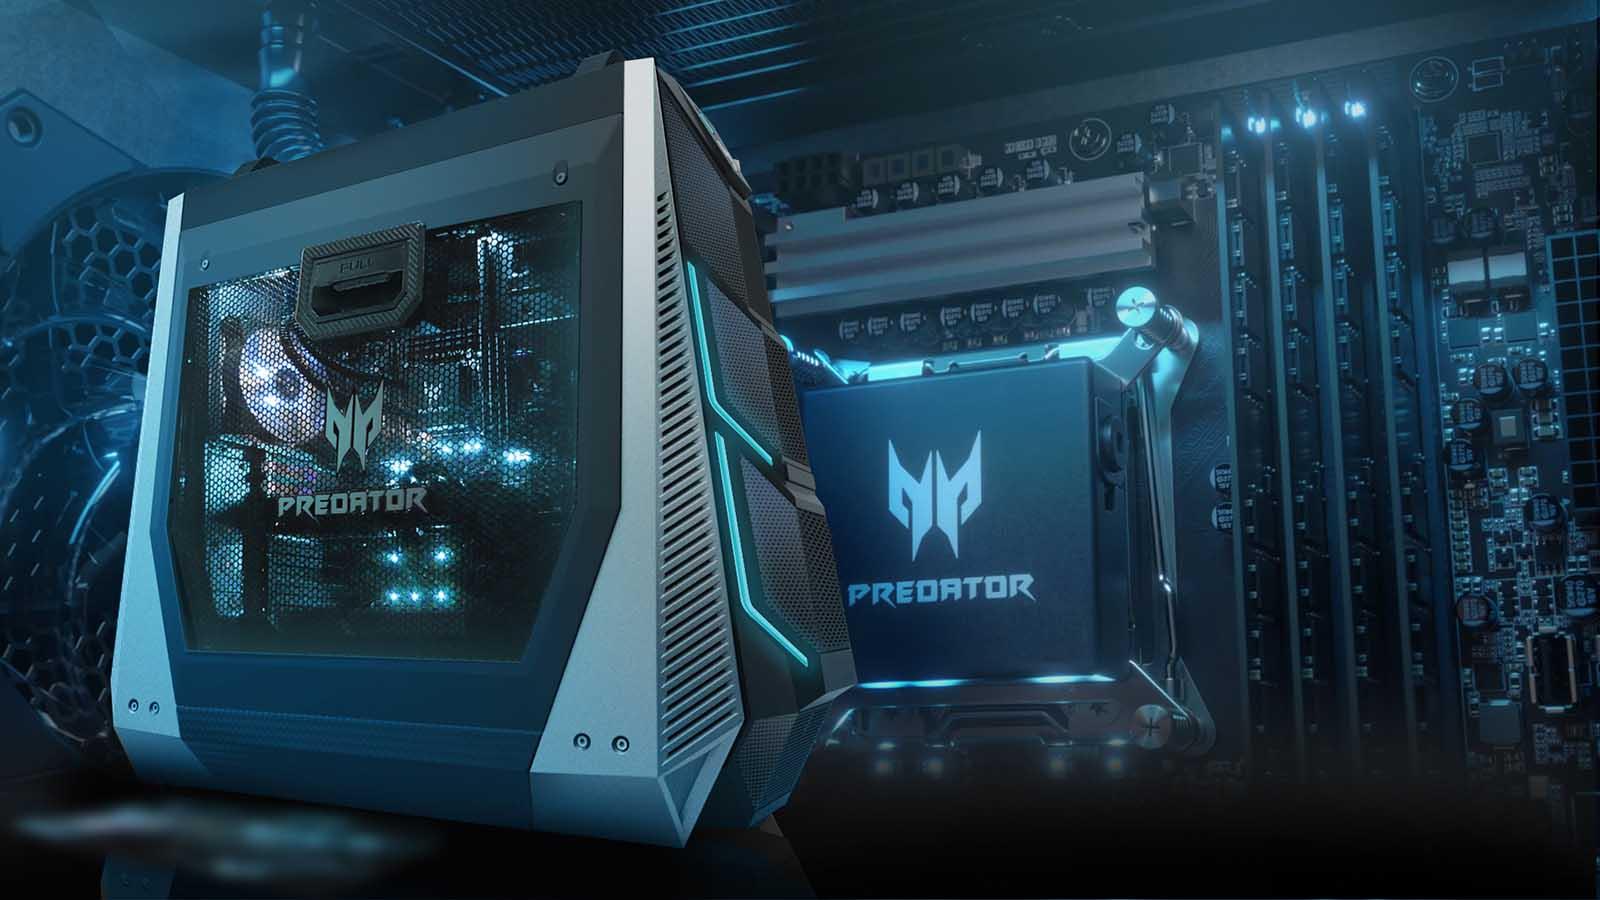 Predator Orion incorpora los nuevos procesadores Intel Core de 9ª Generación